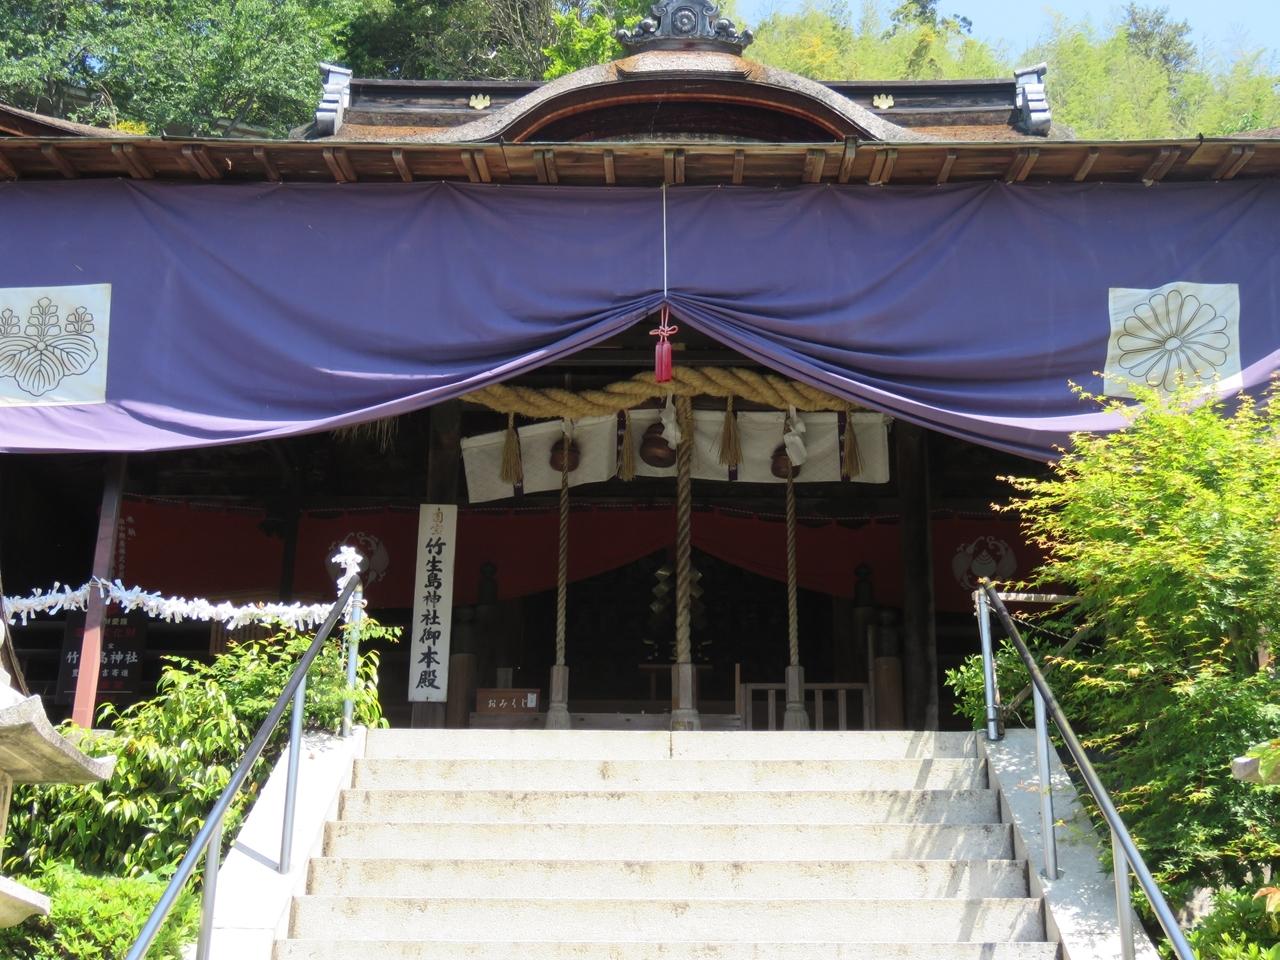 s-久夫須麻神社